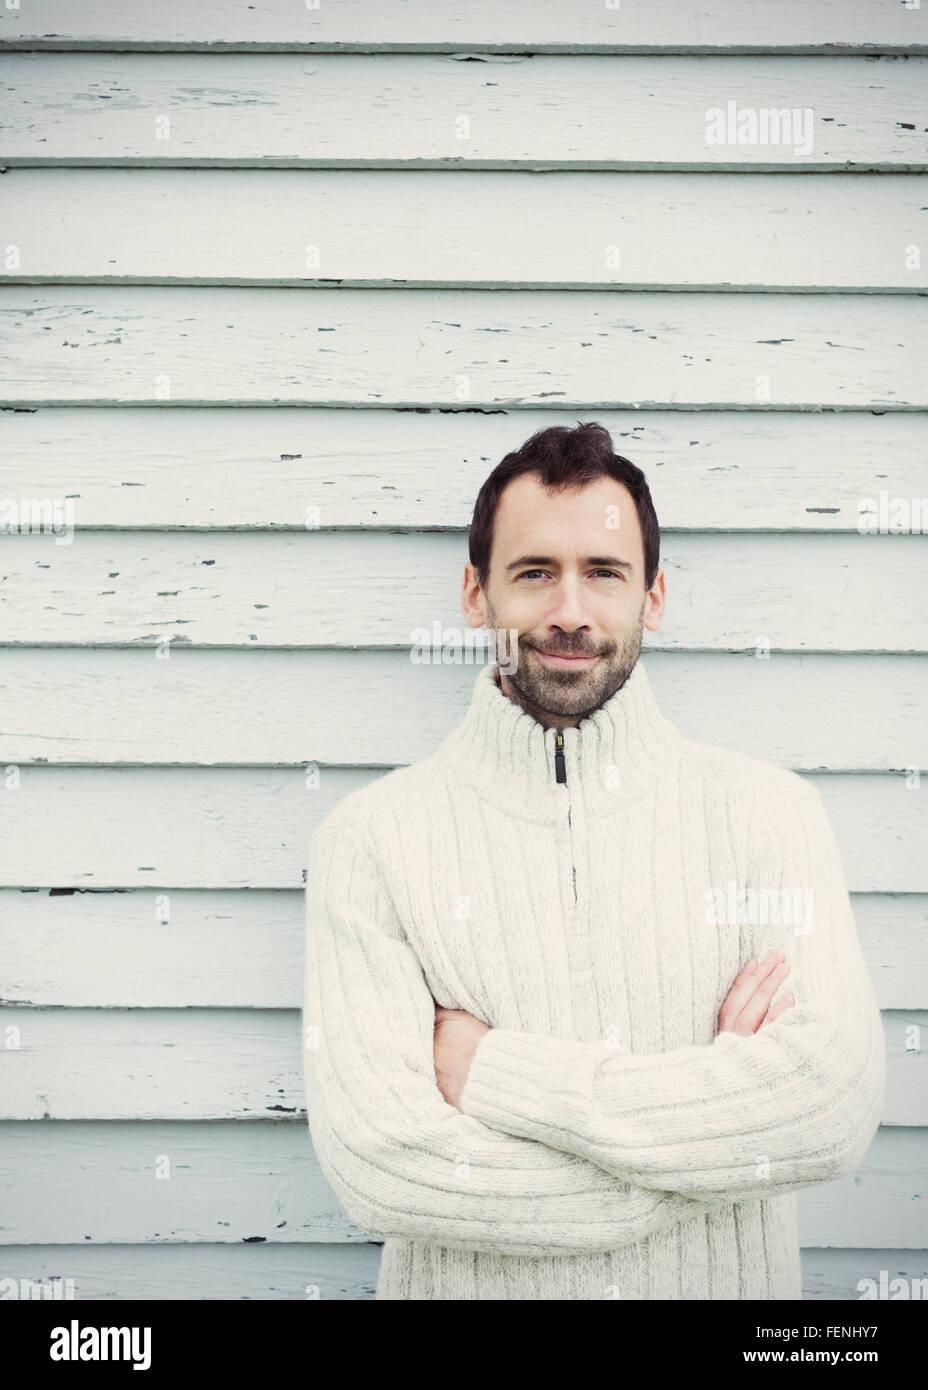 Porträt Brünette Mann im Pullover mit verschränkten Armen Stockbild